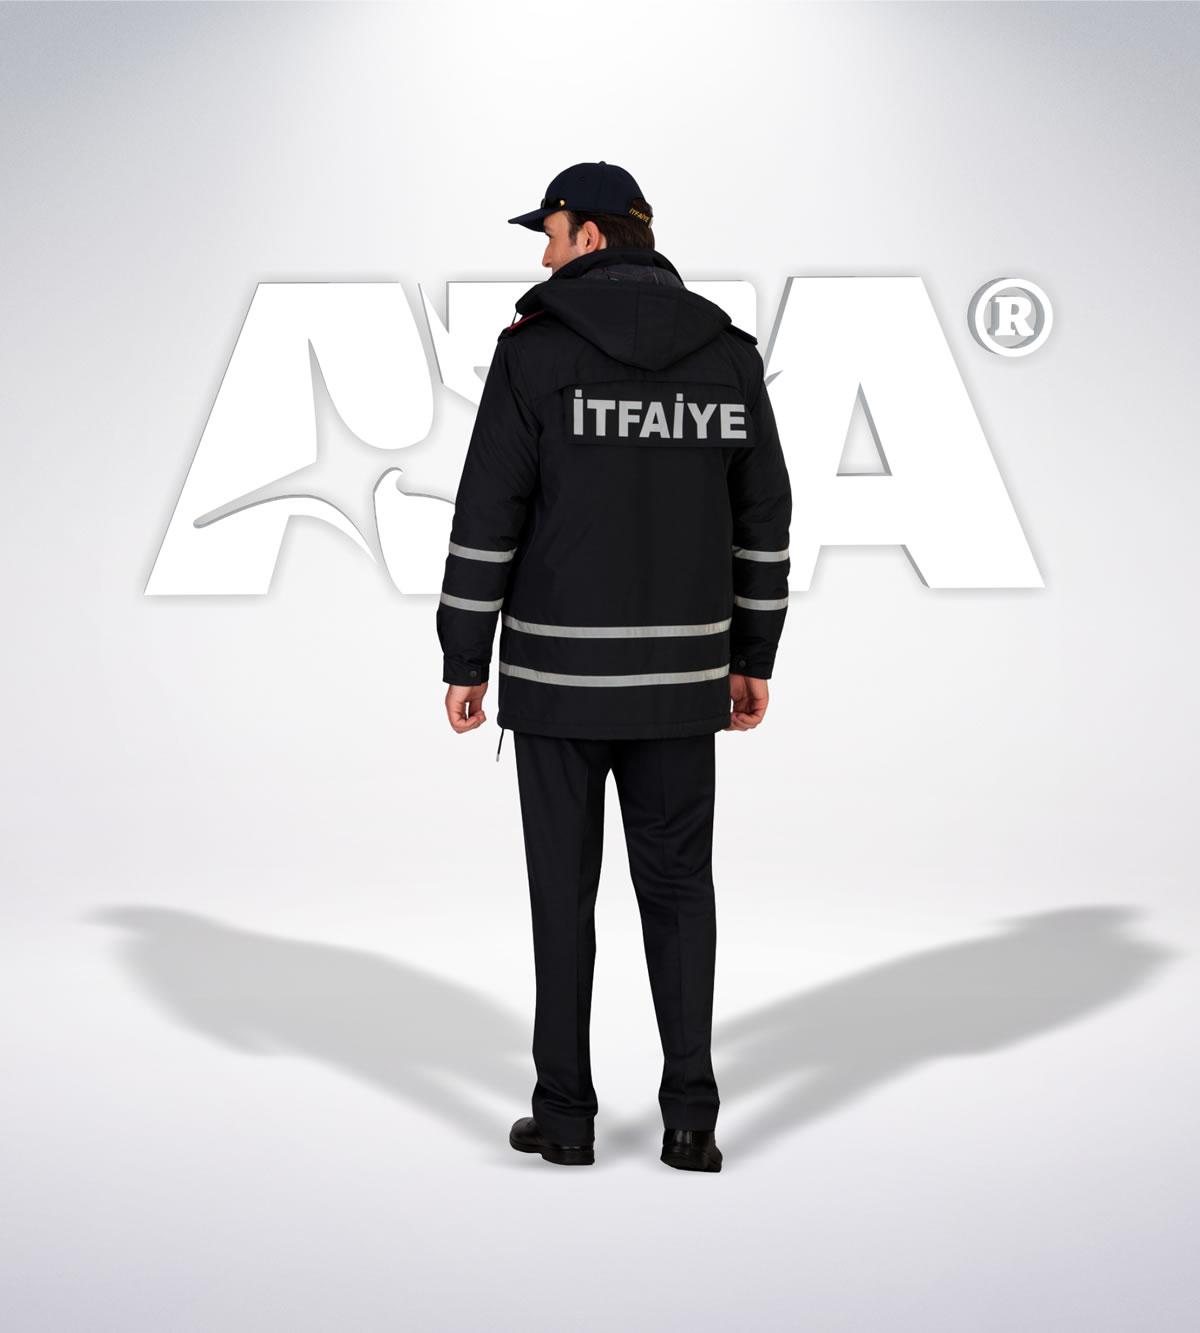 ATA 310 - arka - Pantolon kışlık -mont-reflektör-aksesuar - itfaiye elbiseleri | itfaiye üniformaları | itfaiye kıyafetleri